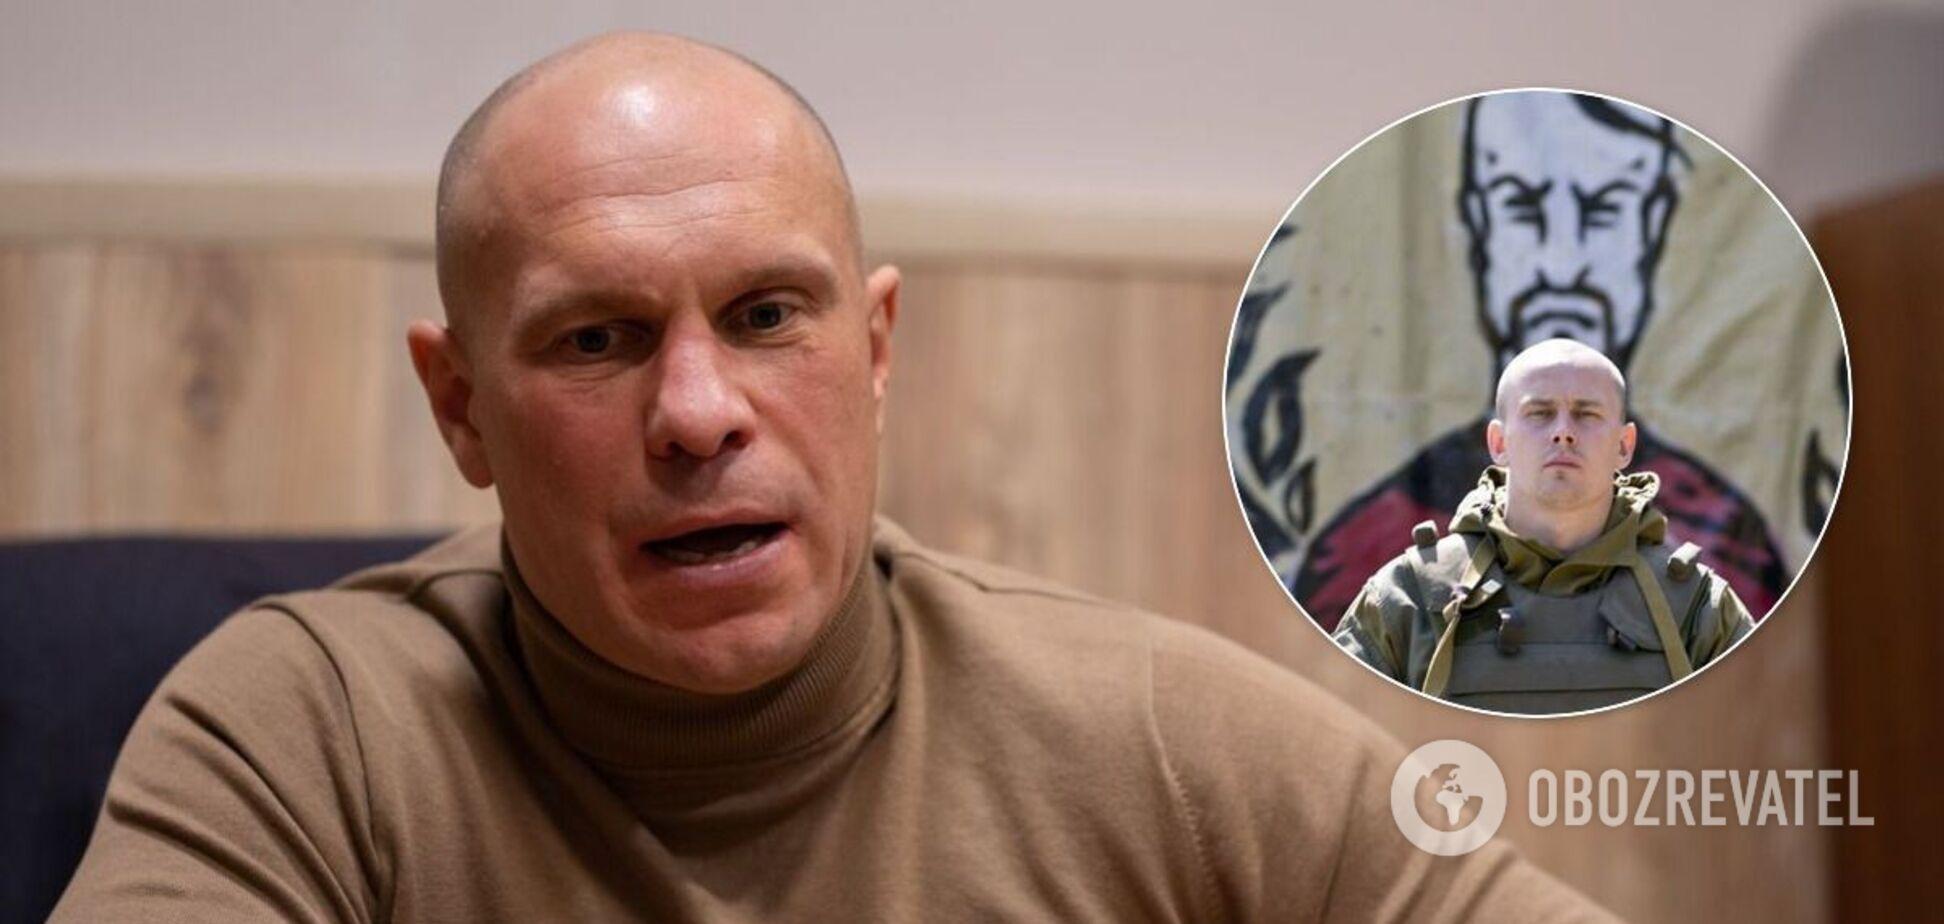 Подозреваемый в рейдерстве Олег Ширяев пошел в команду Кивы